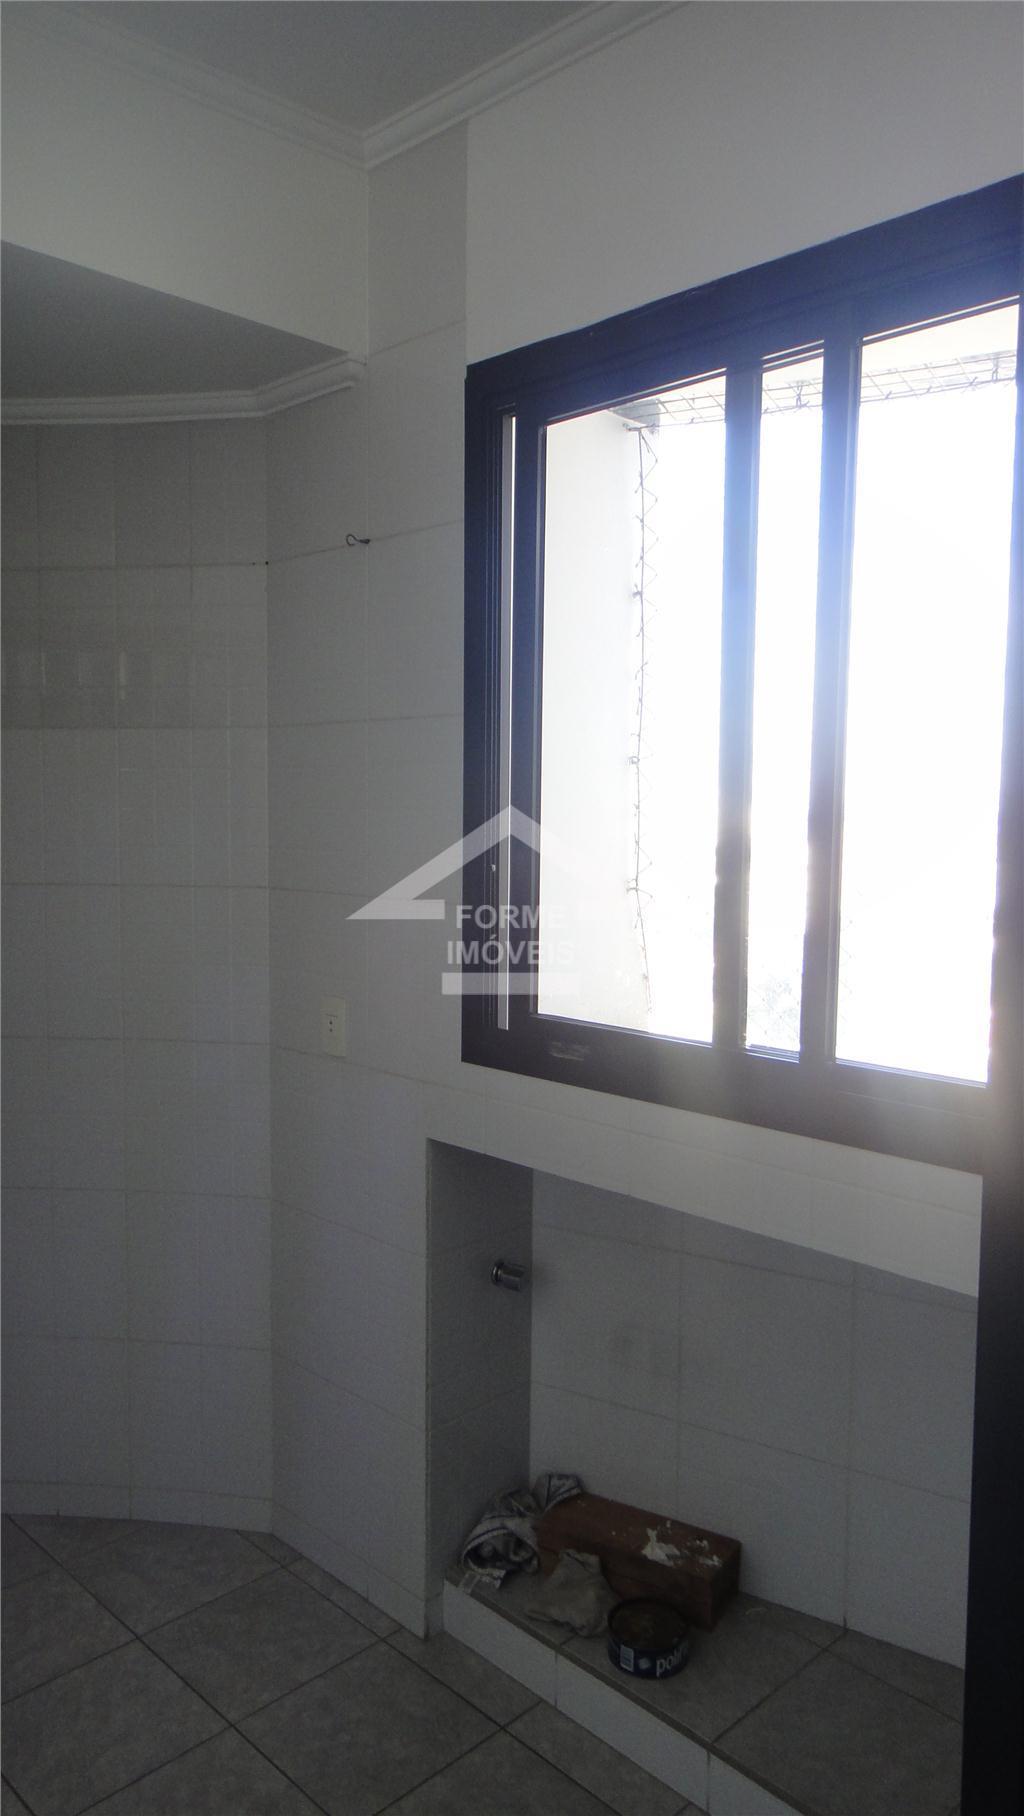 apartamento com 3 dorms, sendo 1 suíte, sala 2 ambientes com sacada. cozinha, lavanderia, wc de...